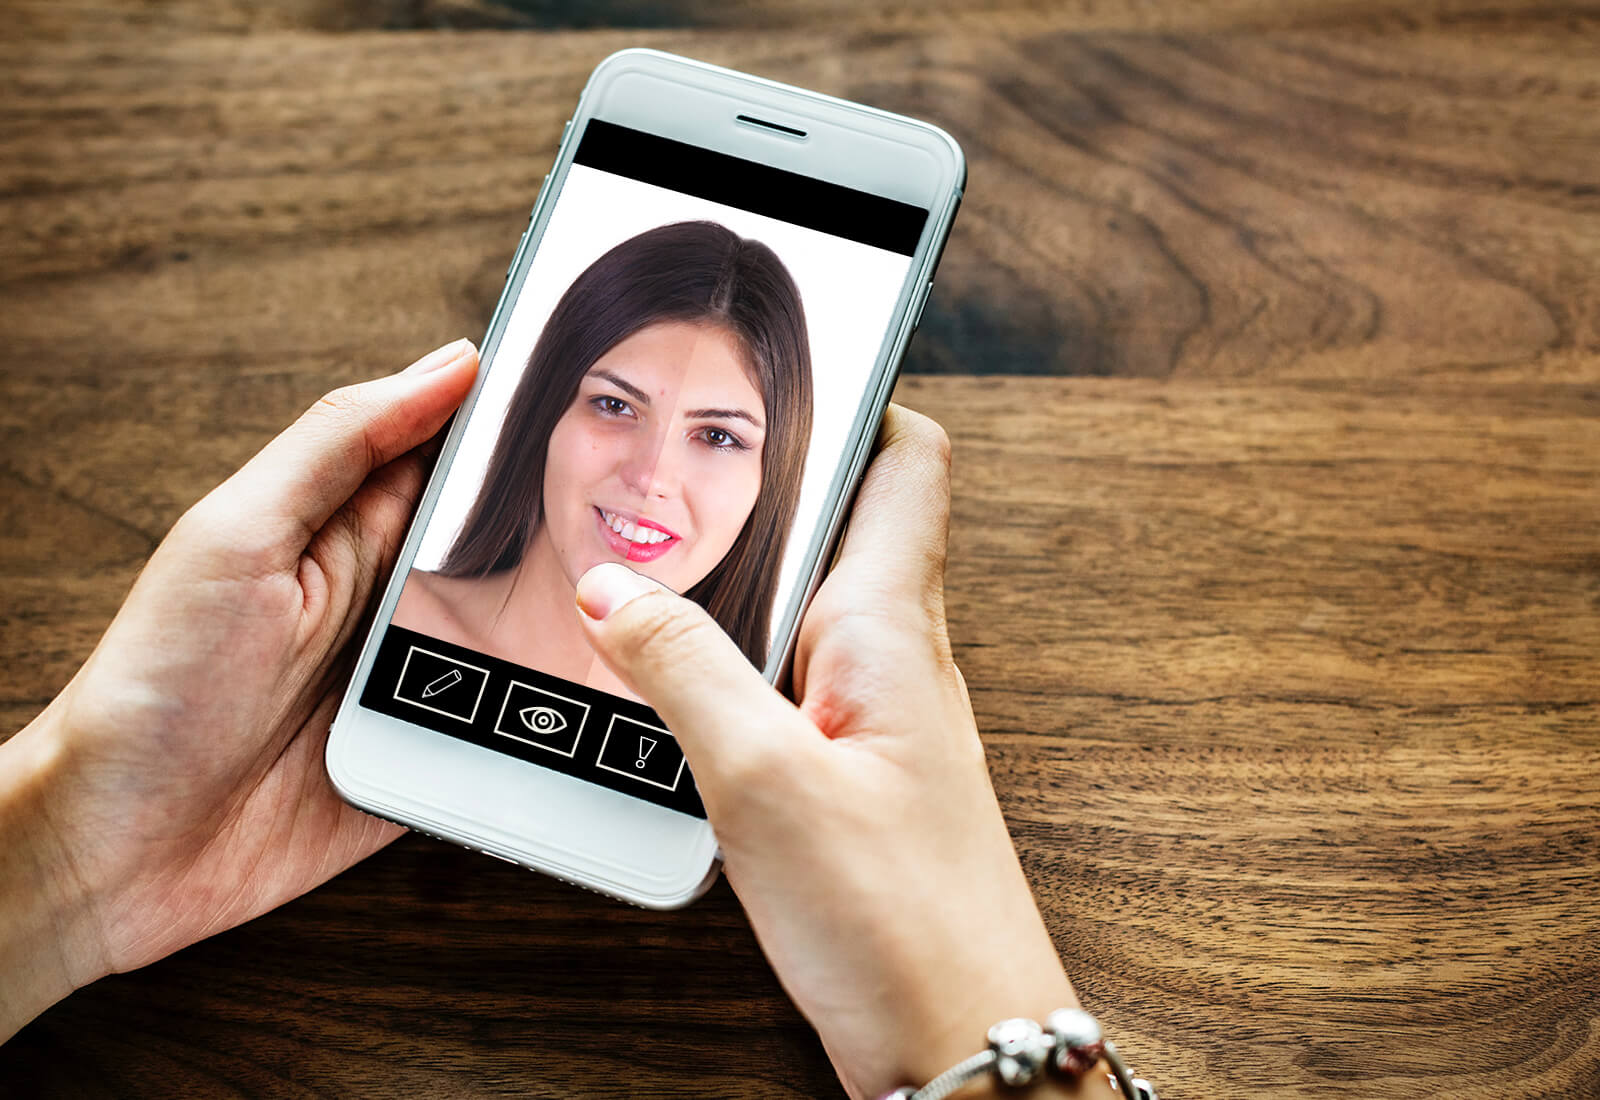 foto van een smartphone waarop een gezicht te zien is die aan de l;inkerhelft onbewerkt is en aan de rechterhelft bewerkt is met make up e.d.